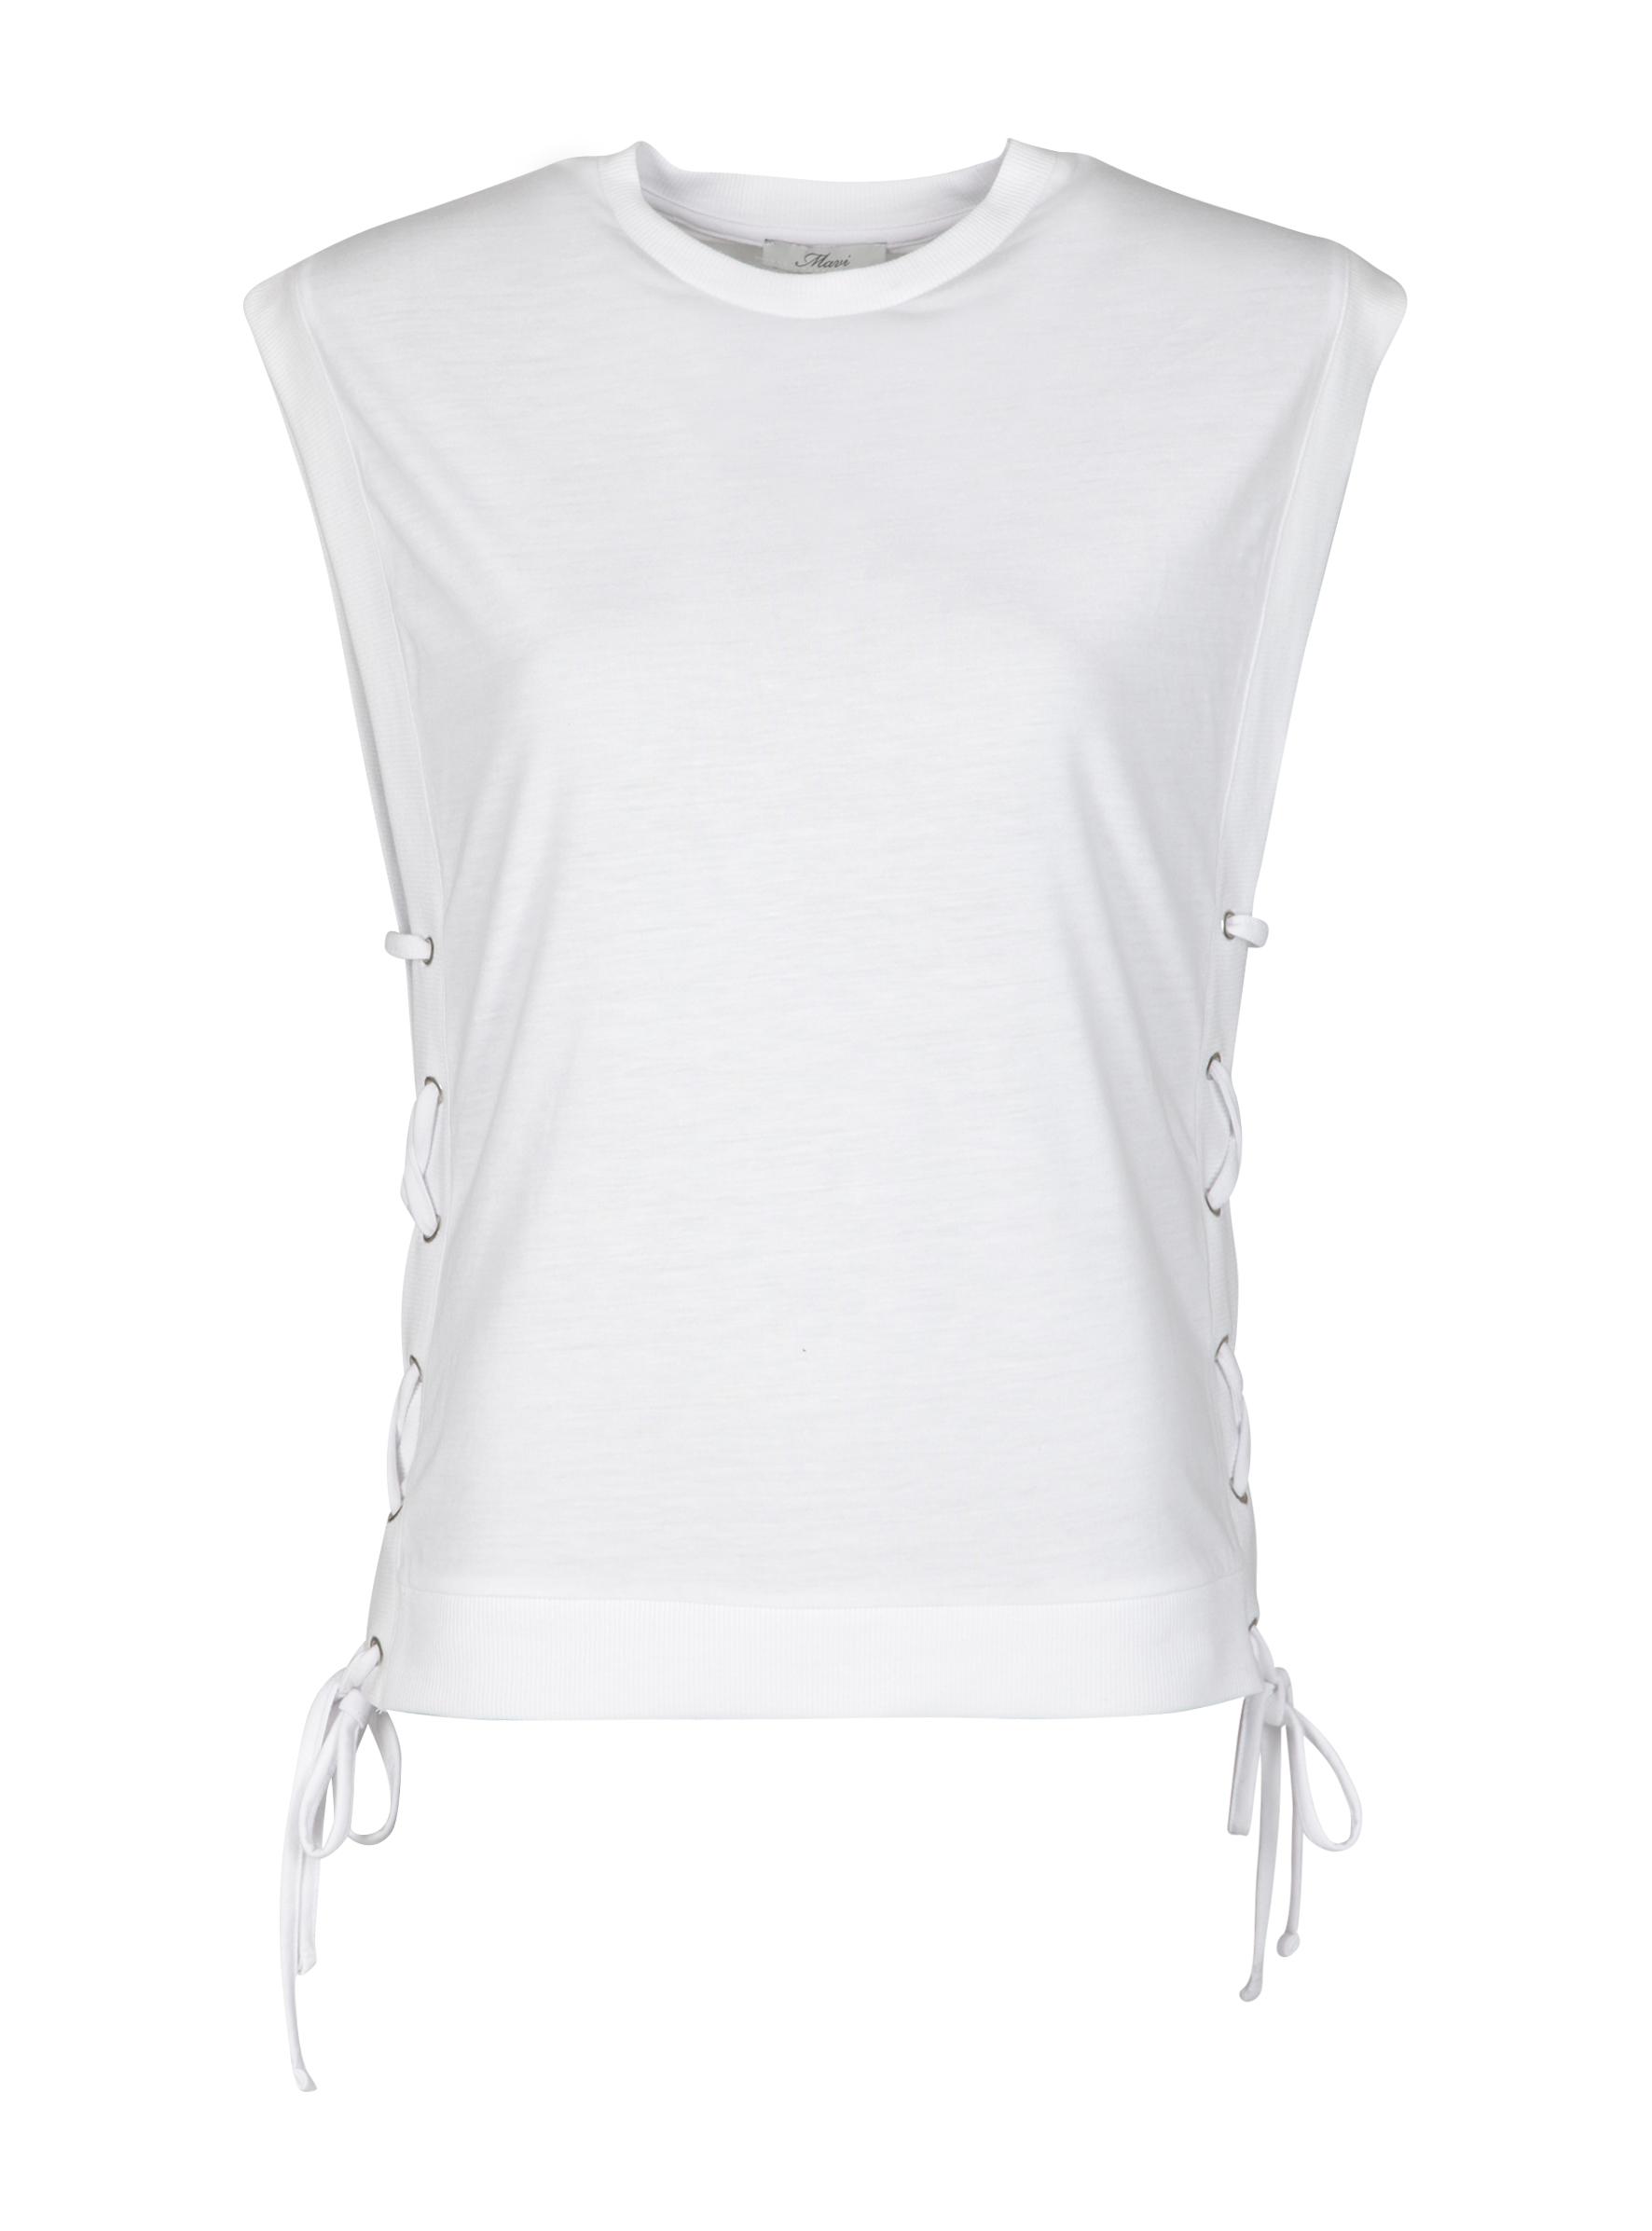 Weißes ärmelloses Top mit Flecht Schnürung an den Seiten bei Mavi Jeans